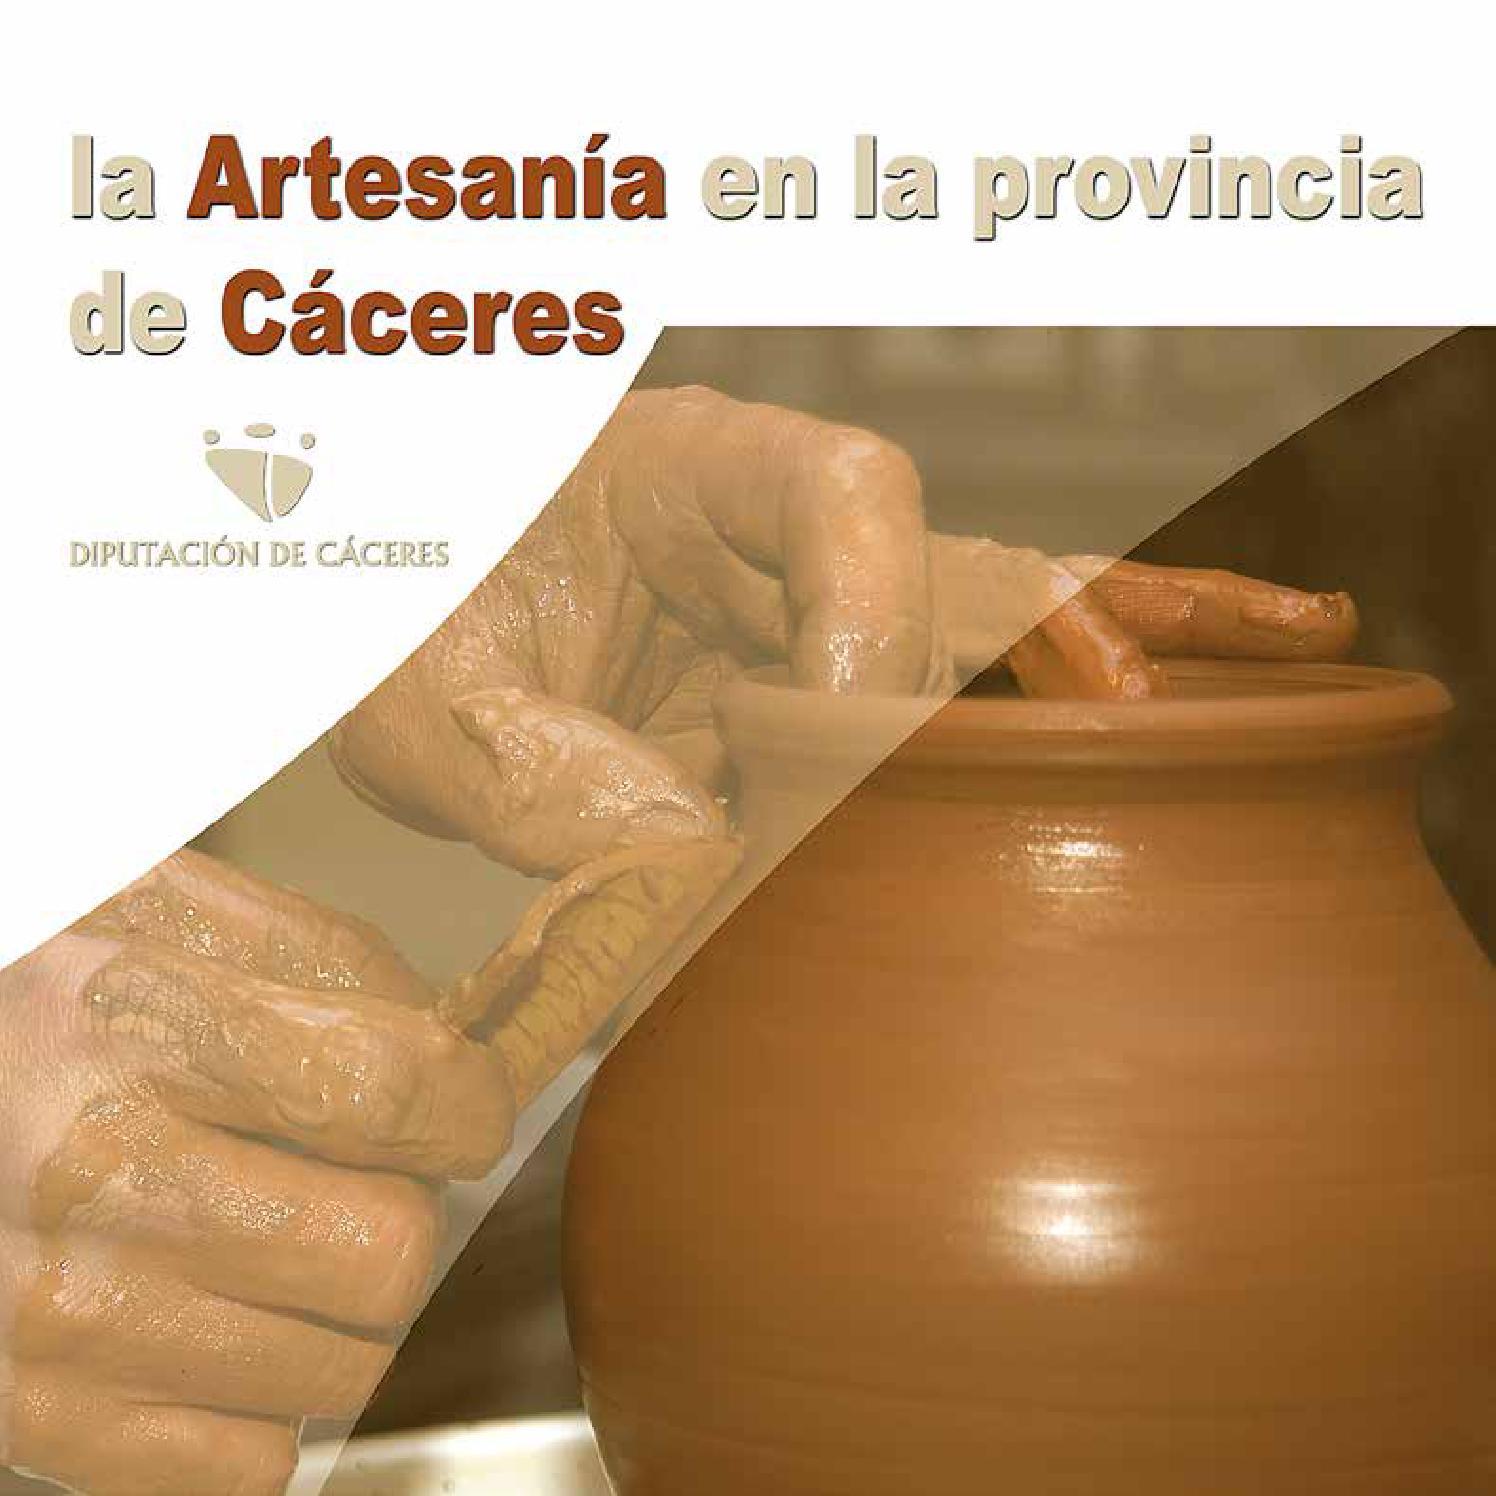 Centros de artesan a en la provincia de c ceres by for Oficina de turismo de caceres